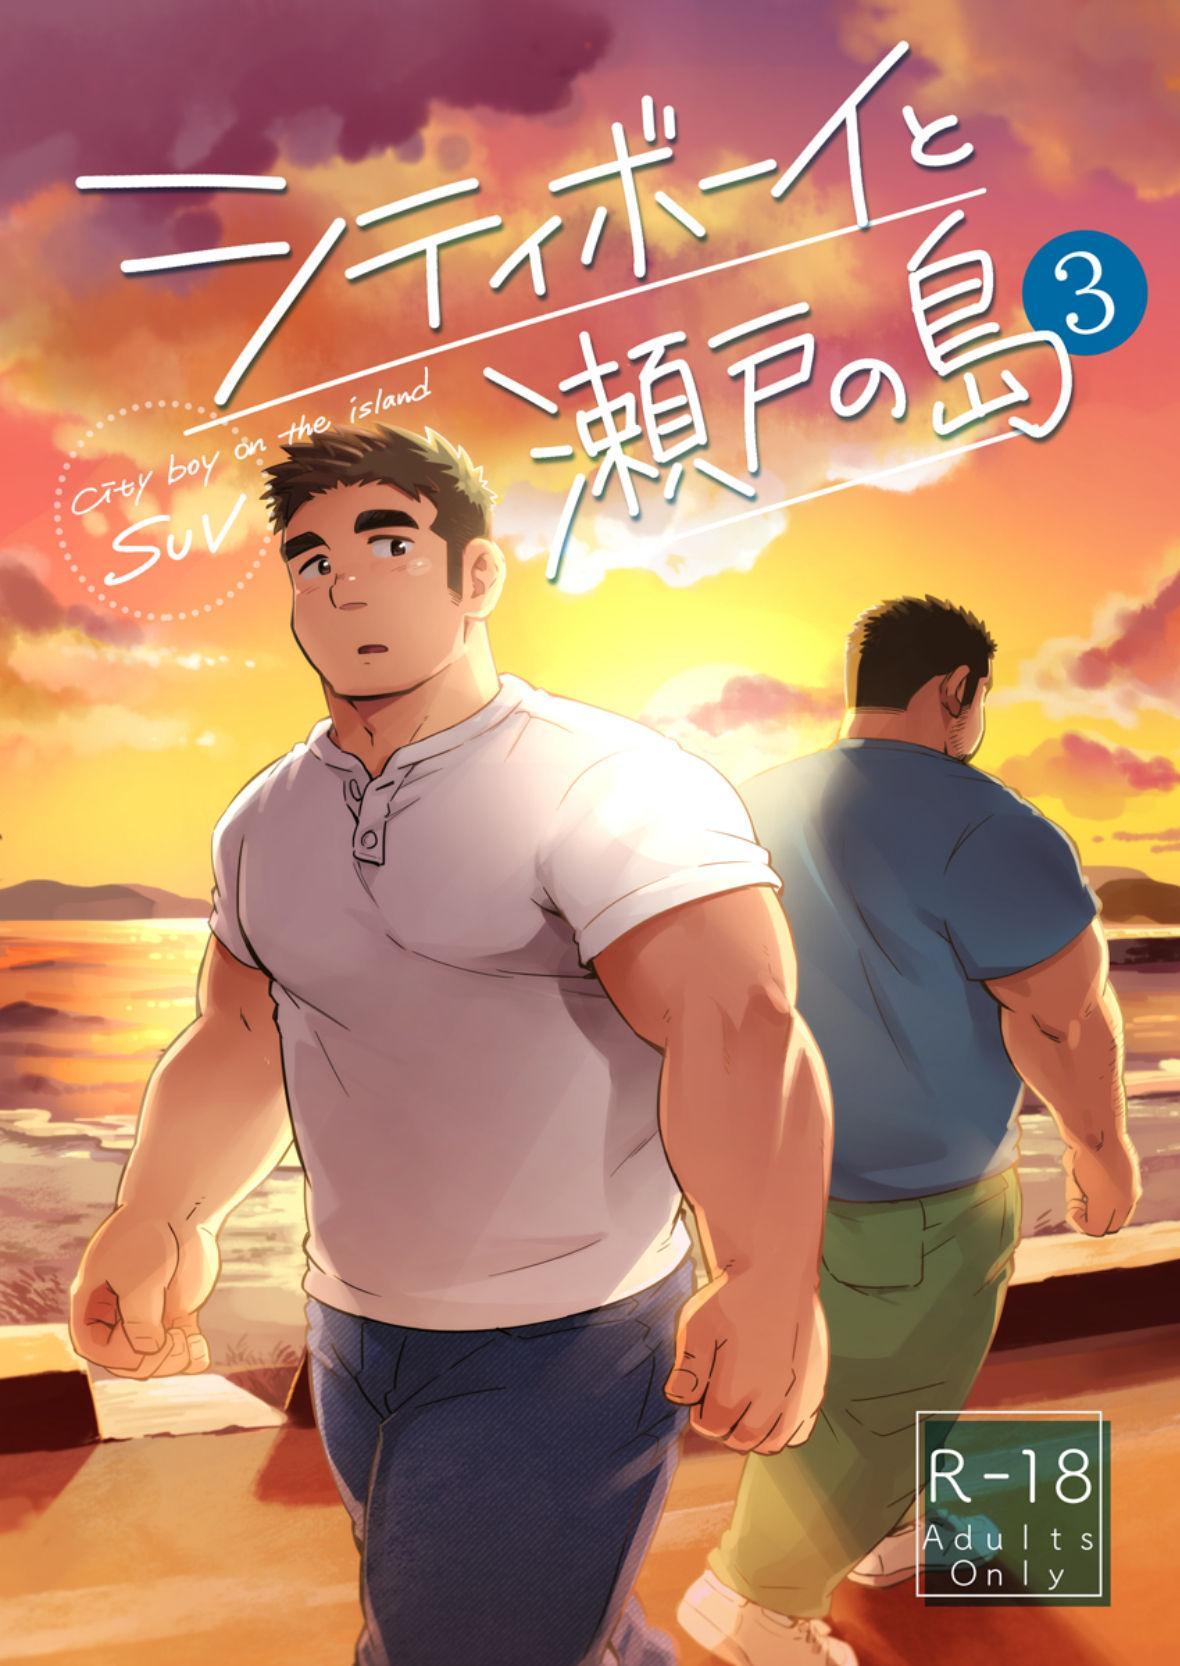 City Boy to Seto no Shima 3 0